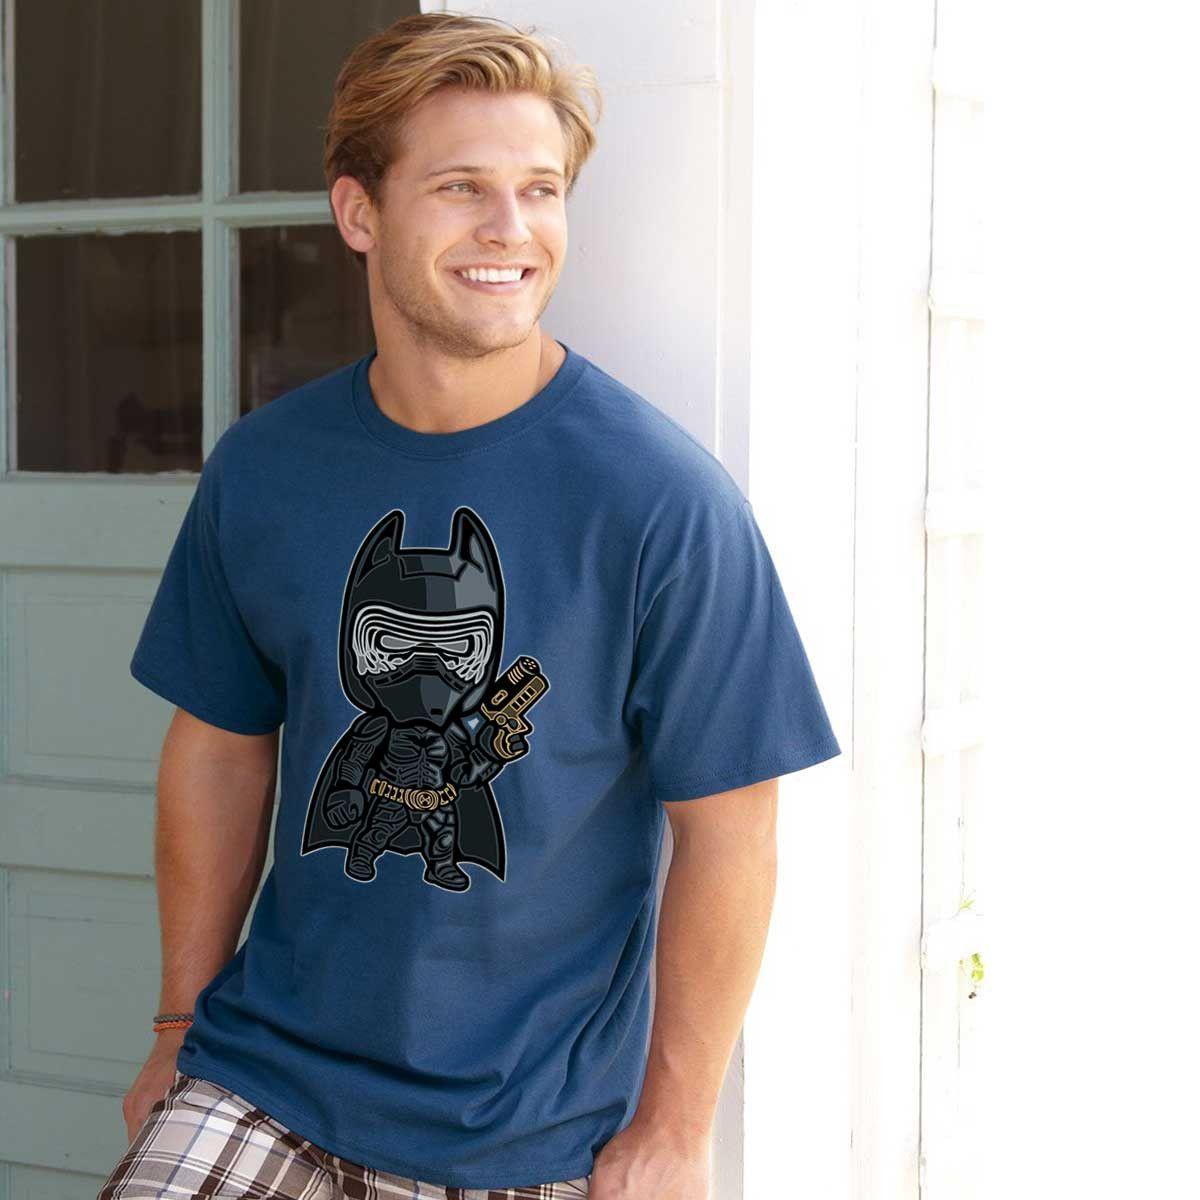 BatRen - Batman crossed with Kylo Ren T-shirt